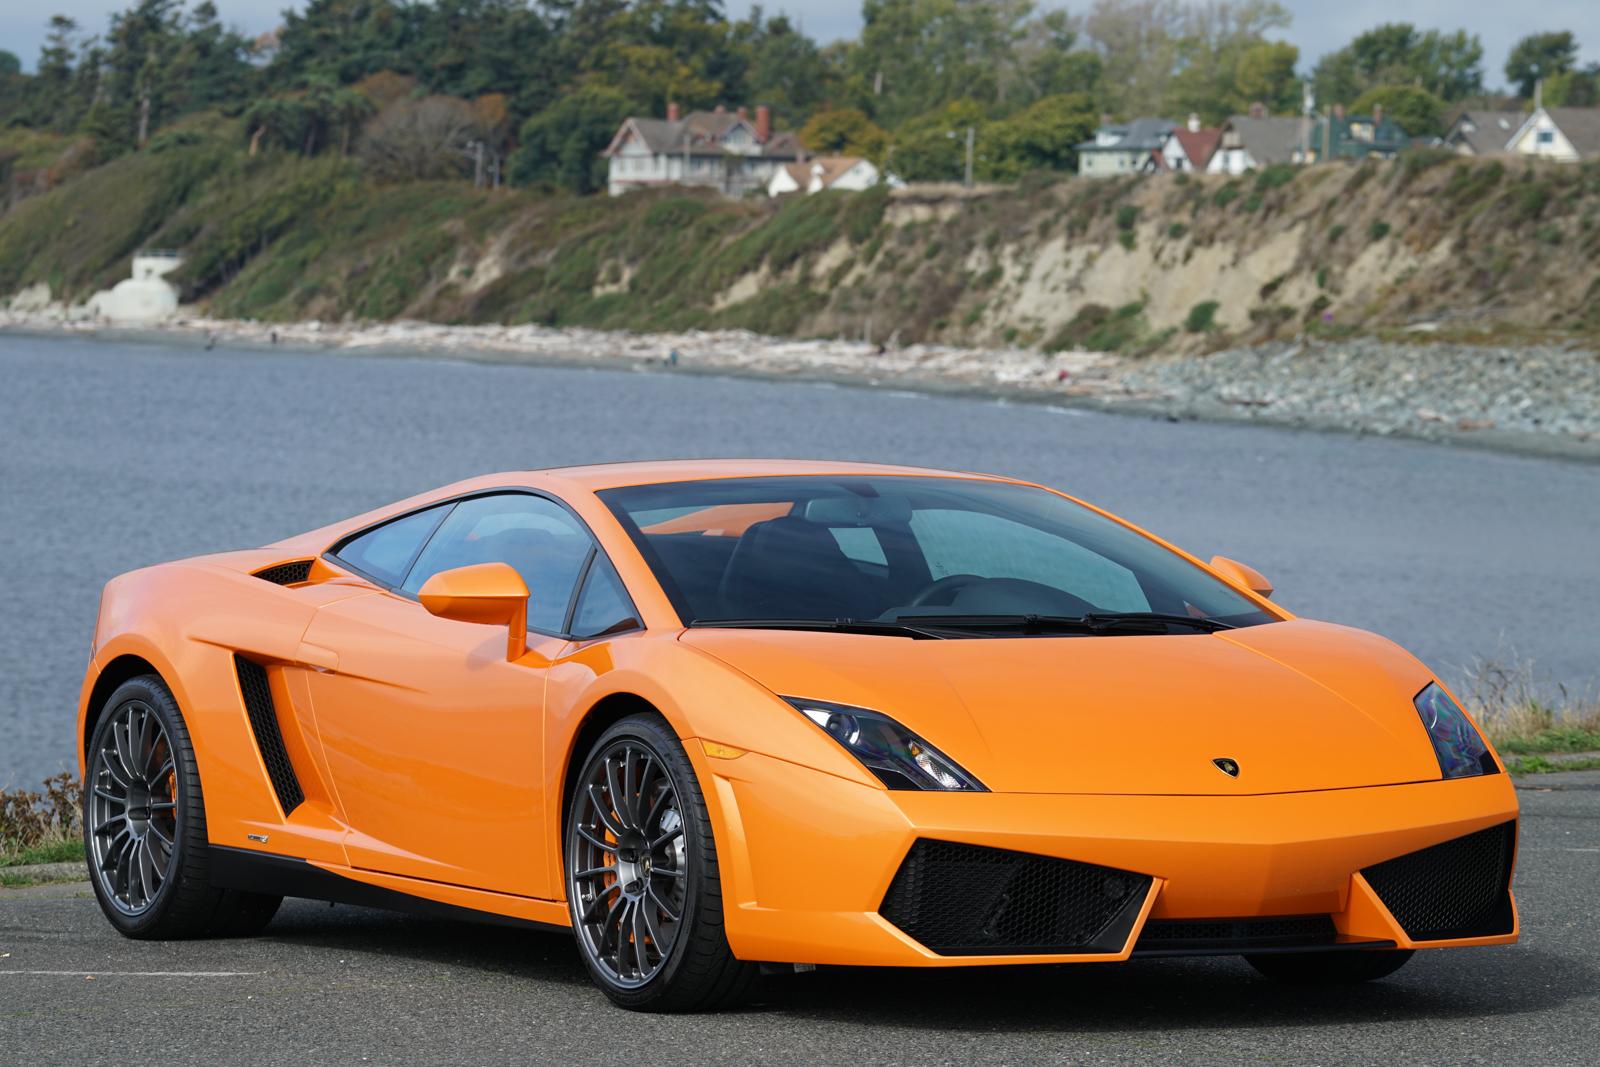 Vr Tuned Ecu Flash Tune Lamborghini Gallardo Lp 550 2 V10 Coupe 550hp 09